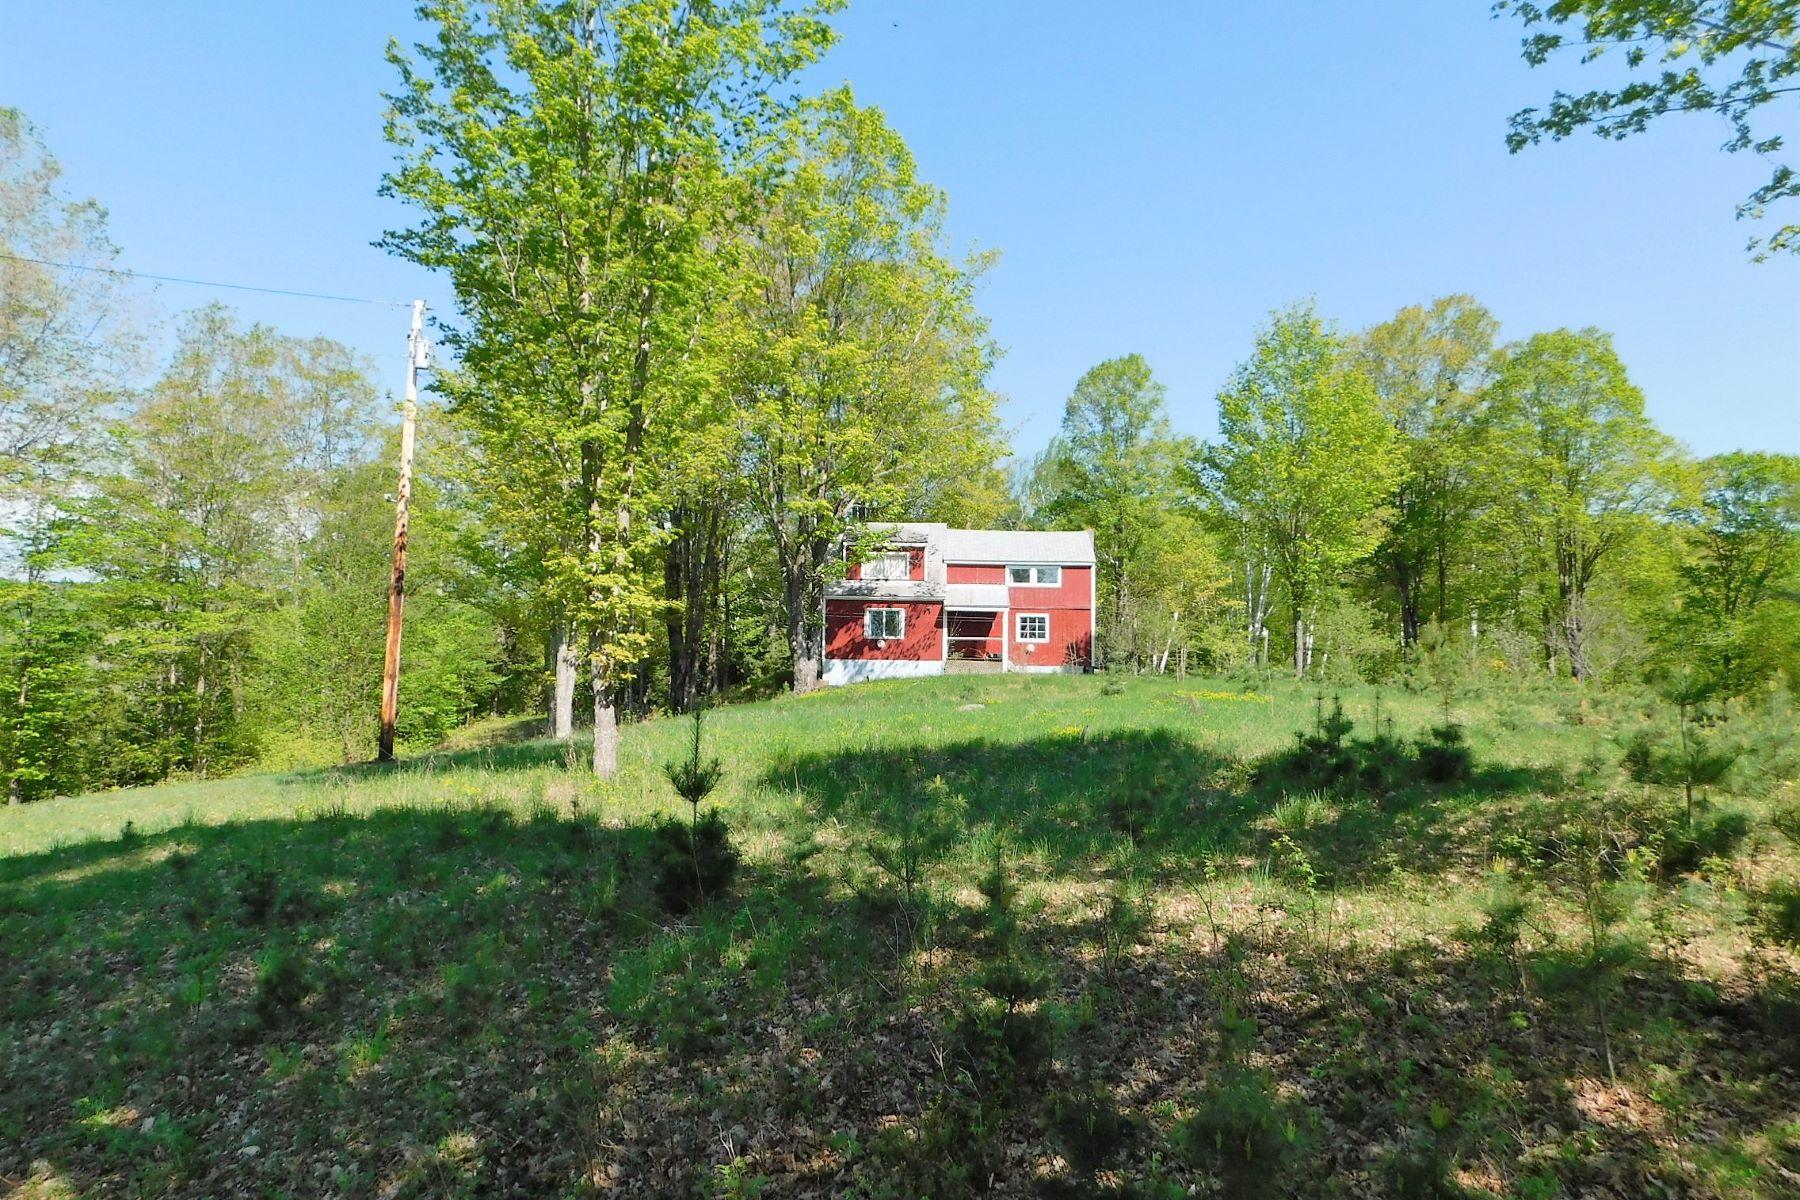 Villa per Vendita alle ore 478 Justin Morrill Highway, Strafford 478 Justin Morrill Hwy Strafford, Vermont, 05072 Stati Uniti